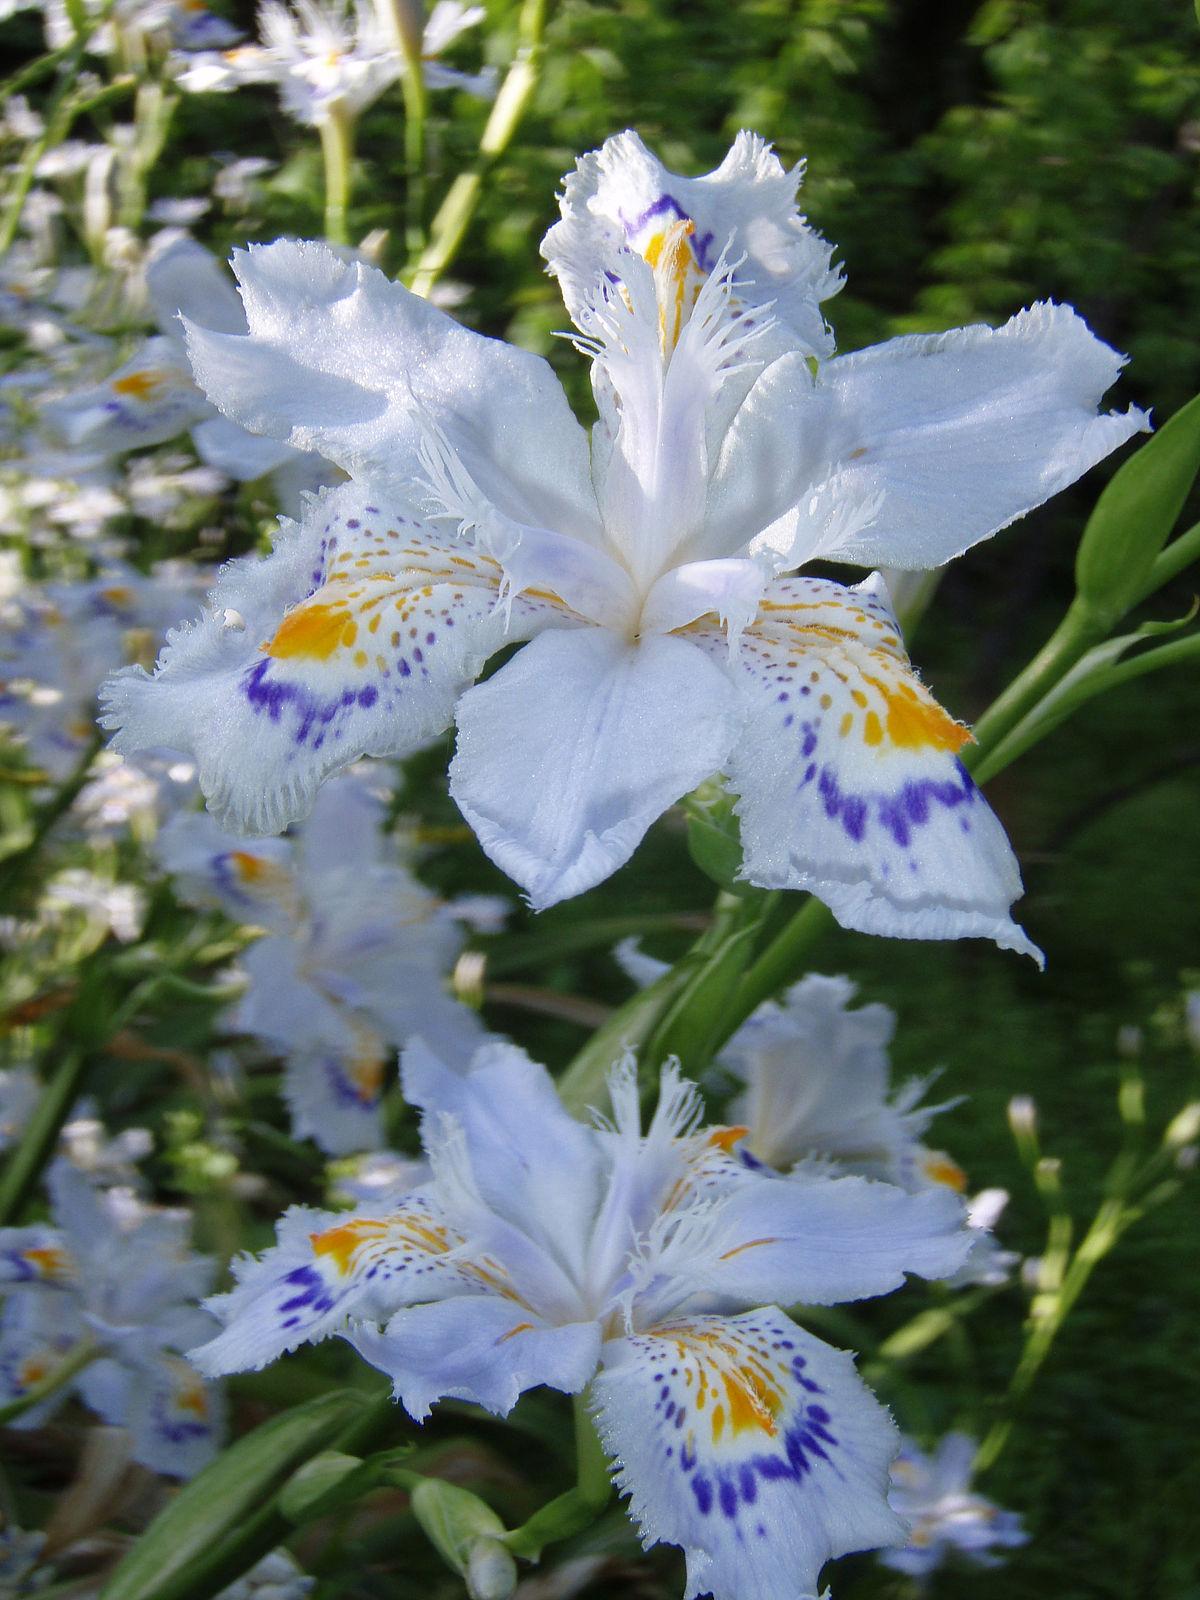 Iris japonica - Wikipedia: https://en.wikipedia.org/wiki/Iris_japonica